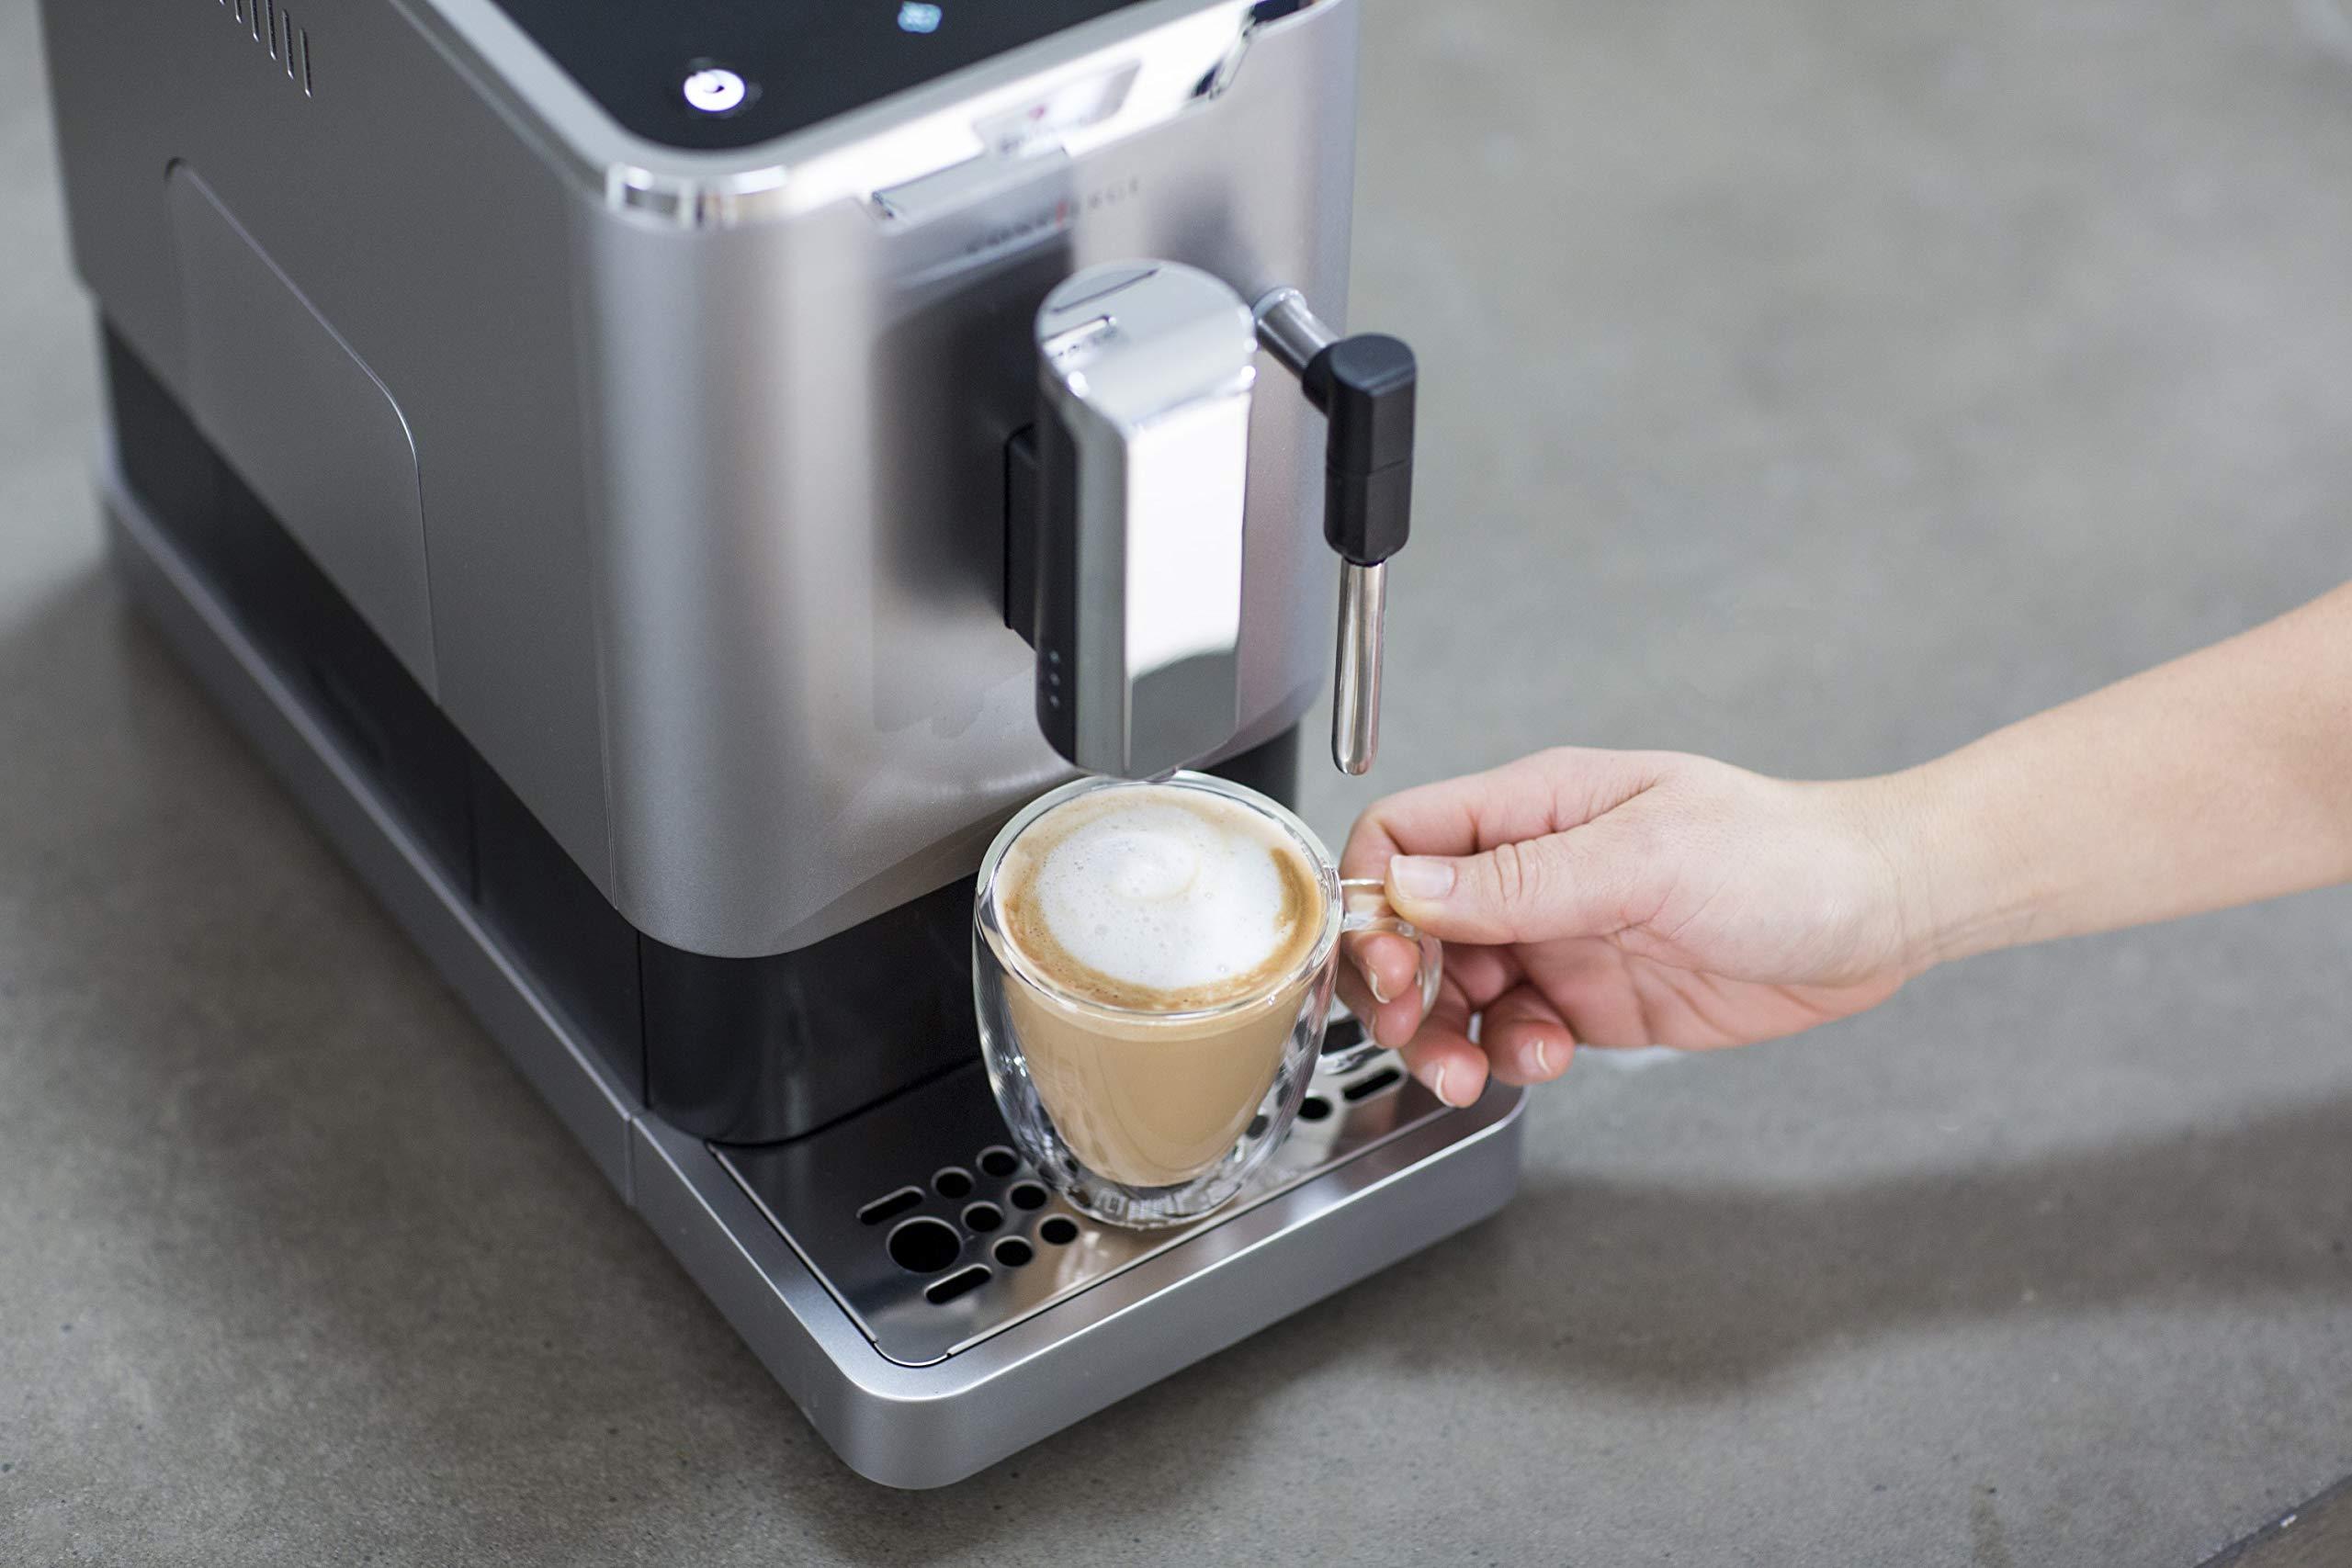 Espressione 8212S Fully Automatic Espresso Machine Silver by Espressione (Image #6)